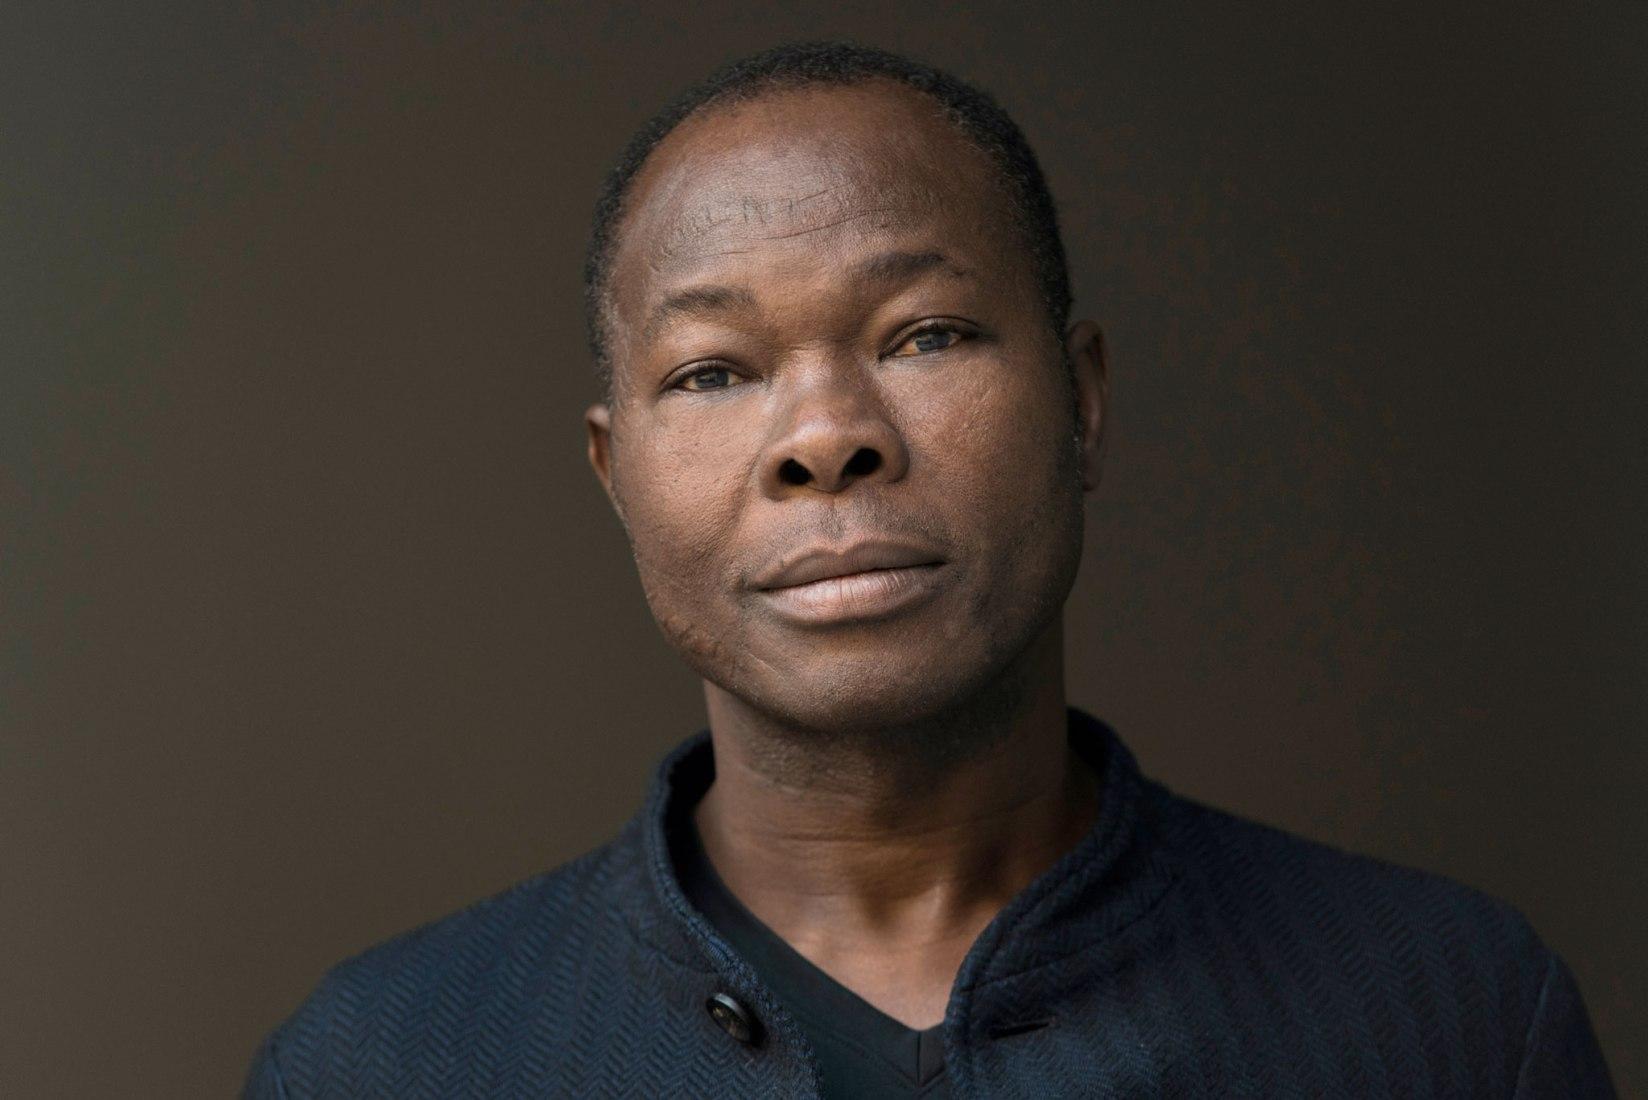 Diébédo Francis Kéré. Photograph © Erik Jan Ouwerkerk